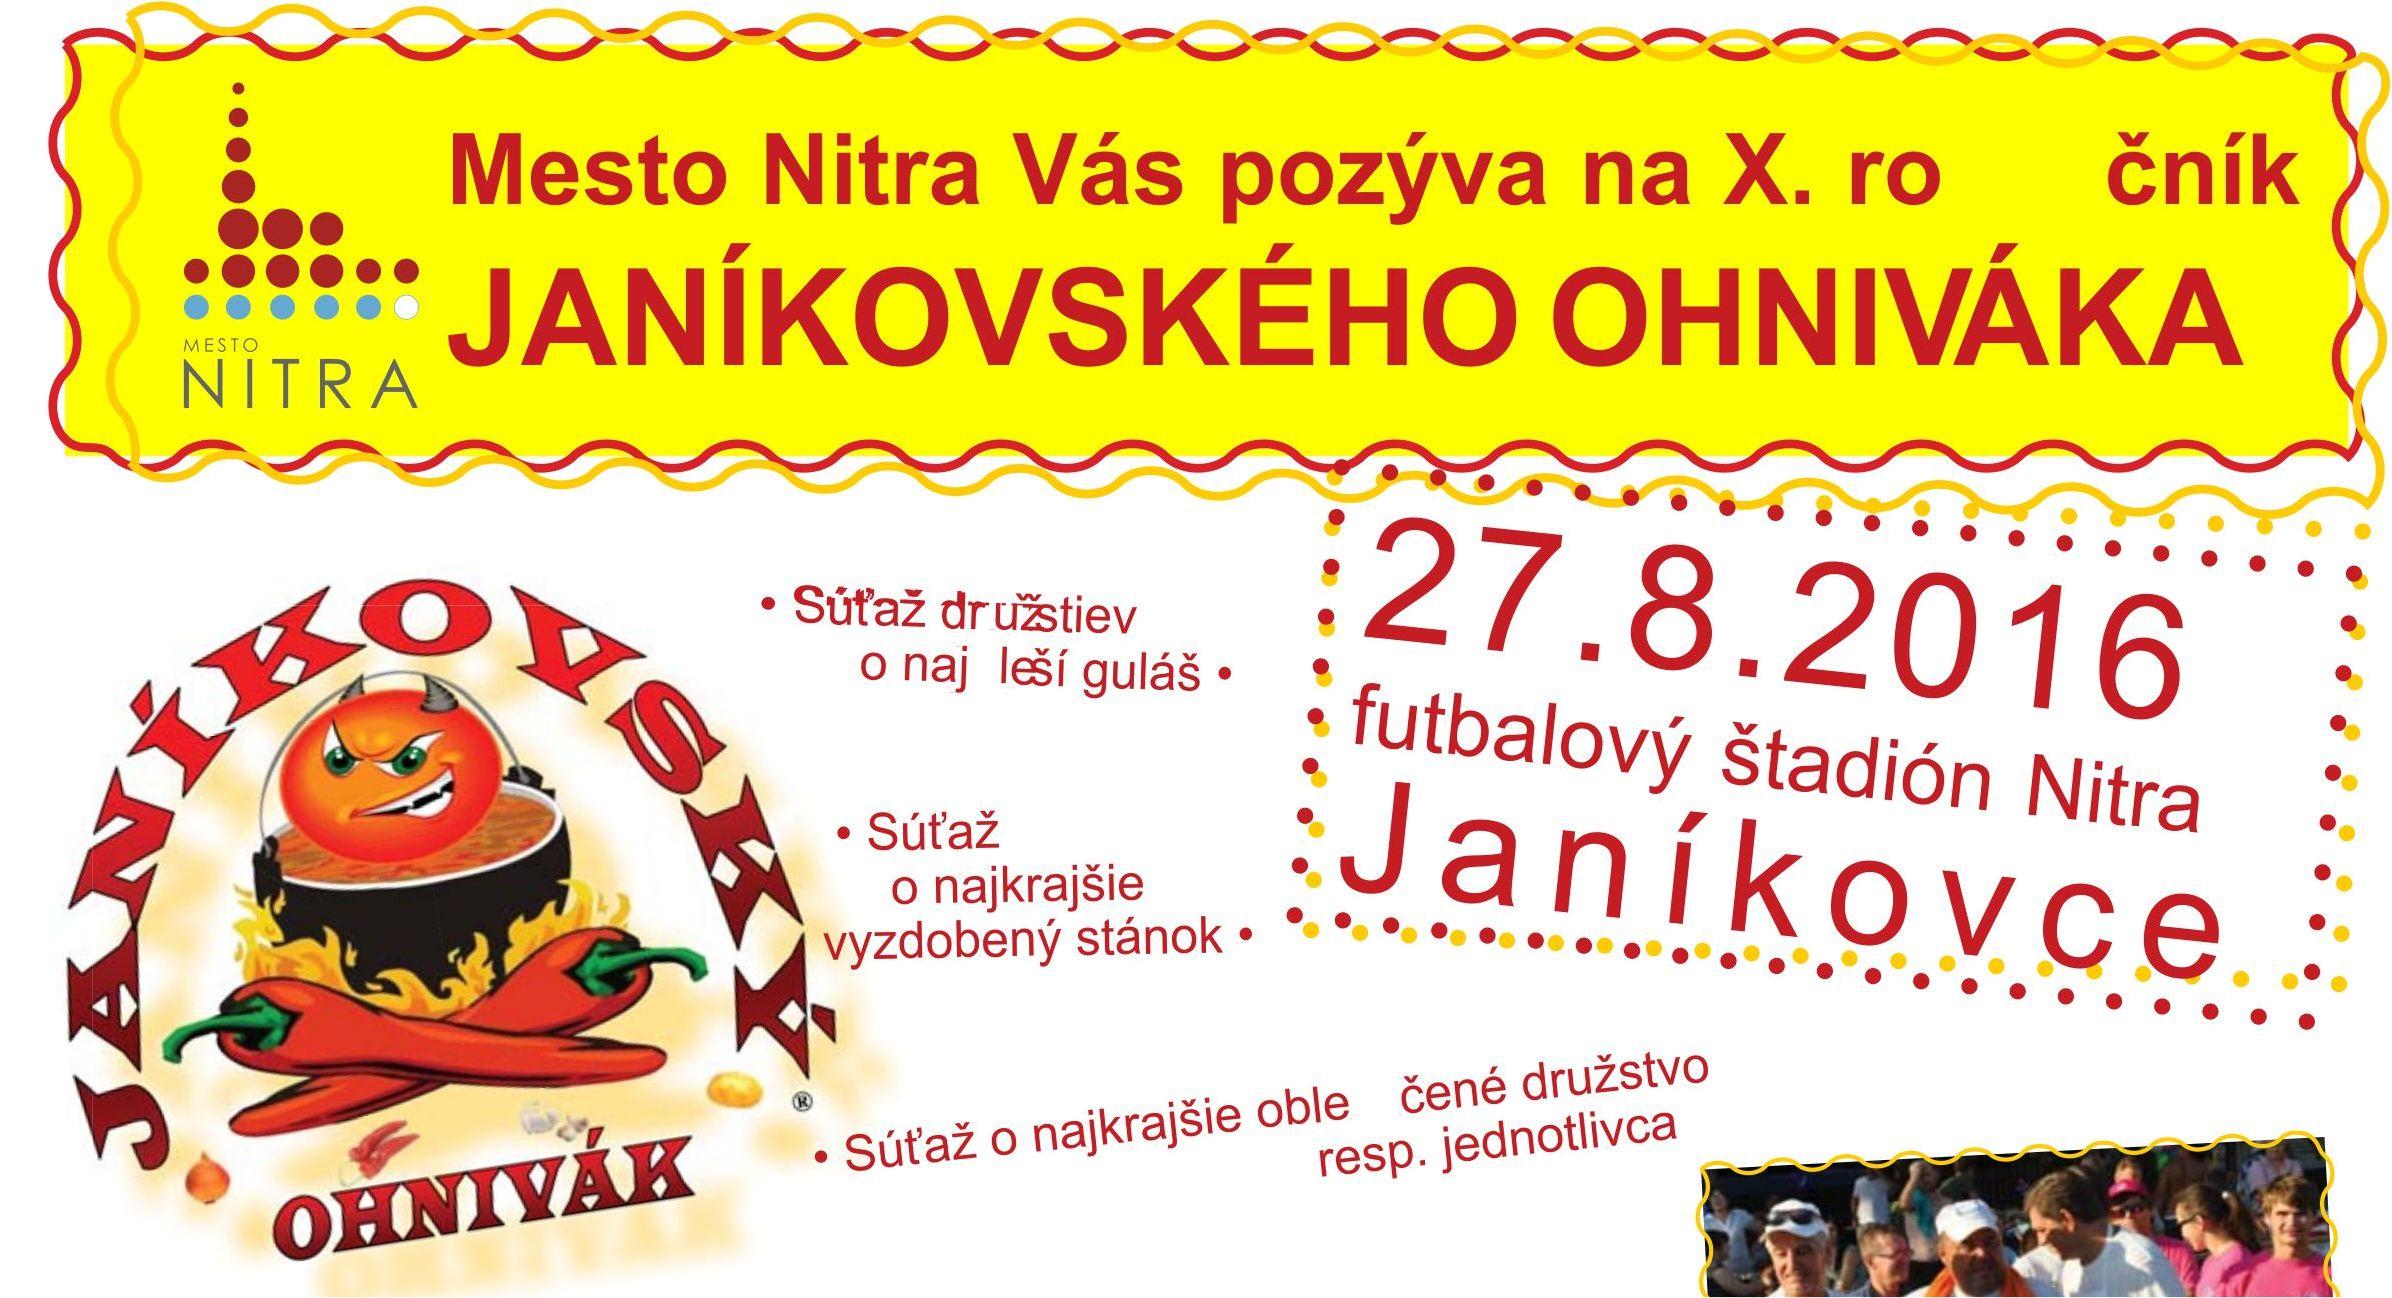 Pozvánka na Janíkovský ohnivák - Kam v meste  5f7c01affc2